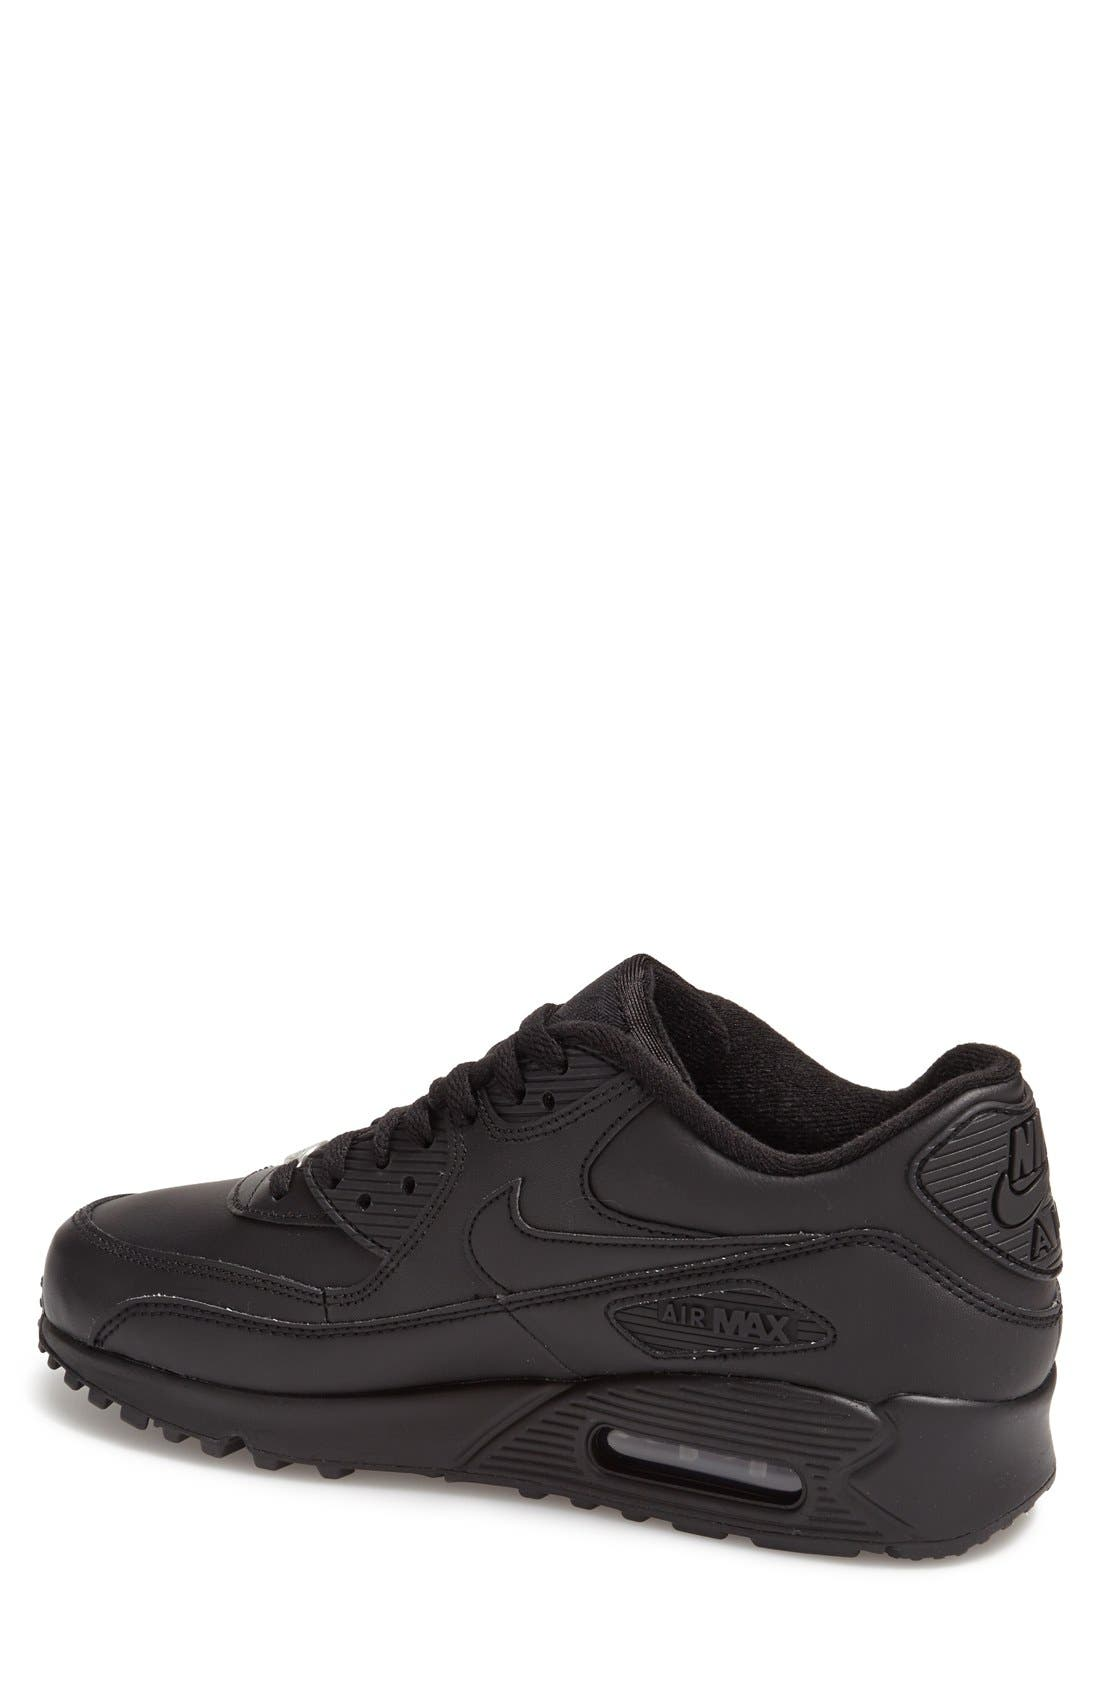 Alternate Image 2  - Nike 'Air Max 90' Leather Sneaker (Men)